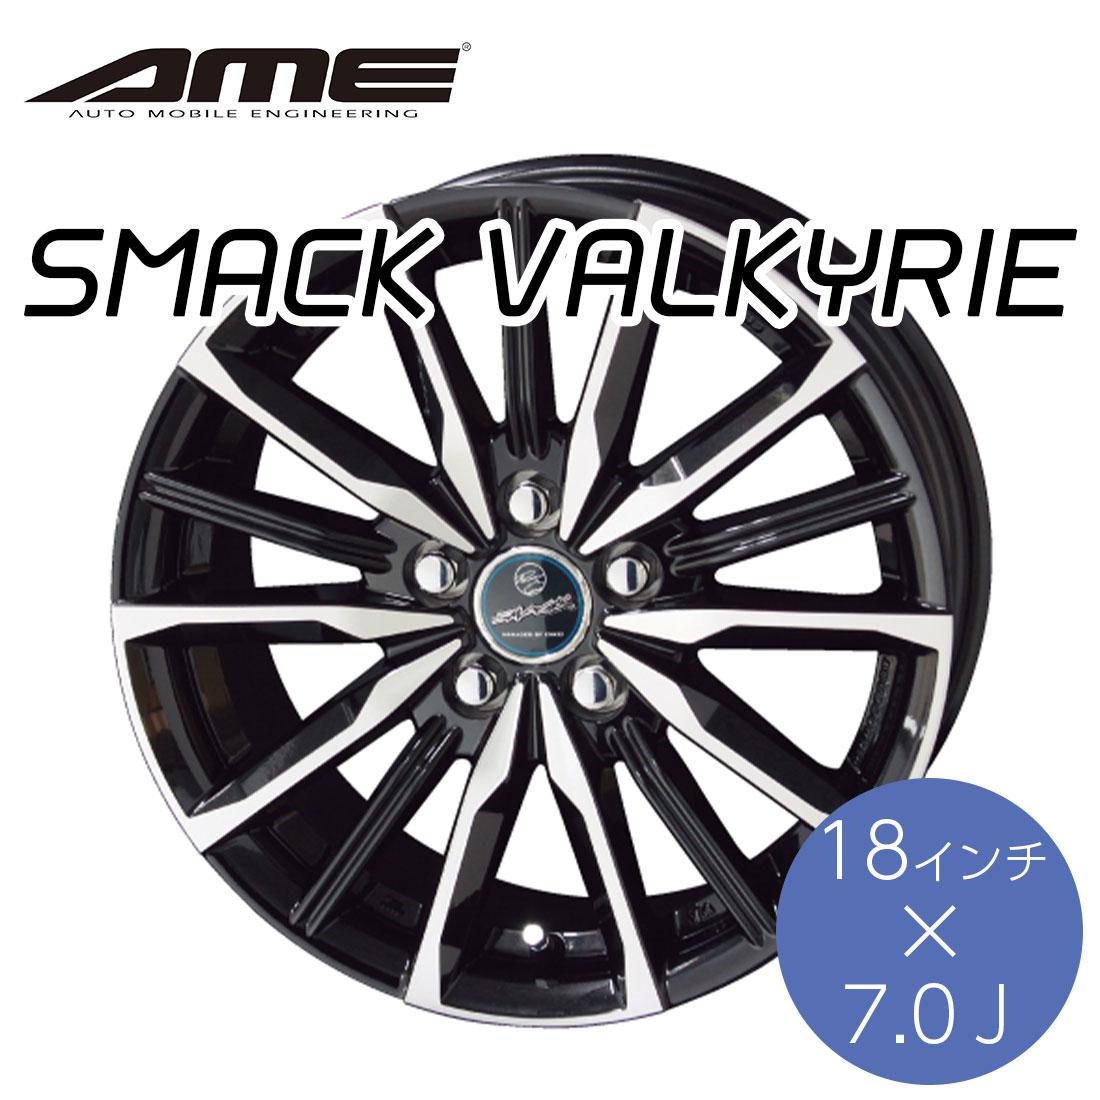 KYOHO ホイール スマック ヴァルキリー 18×7.0J インチ 5H PCD 114.3 SMACK VALKYRIE by AME 共豊 サファイアブラック×ポリッシュ かっこいい 車